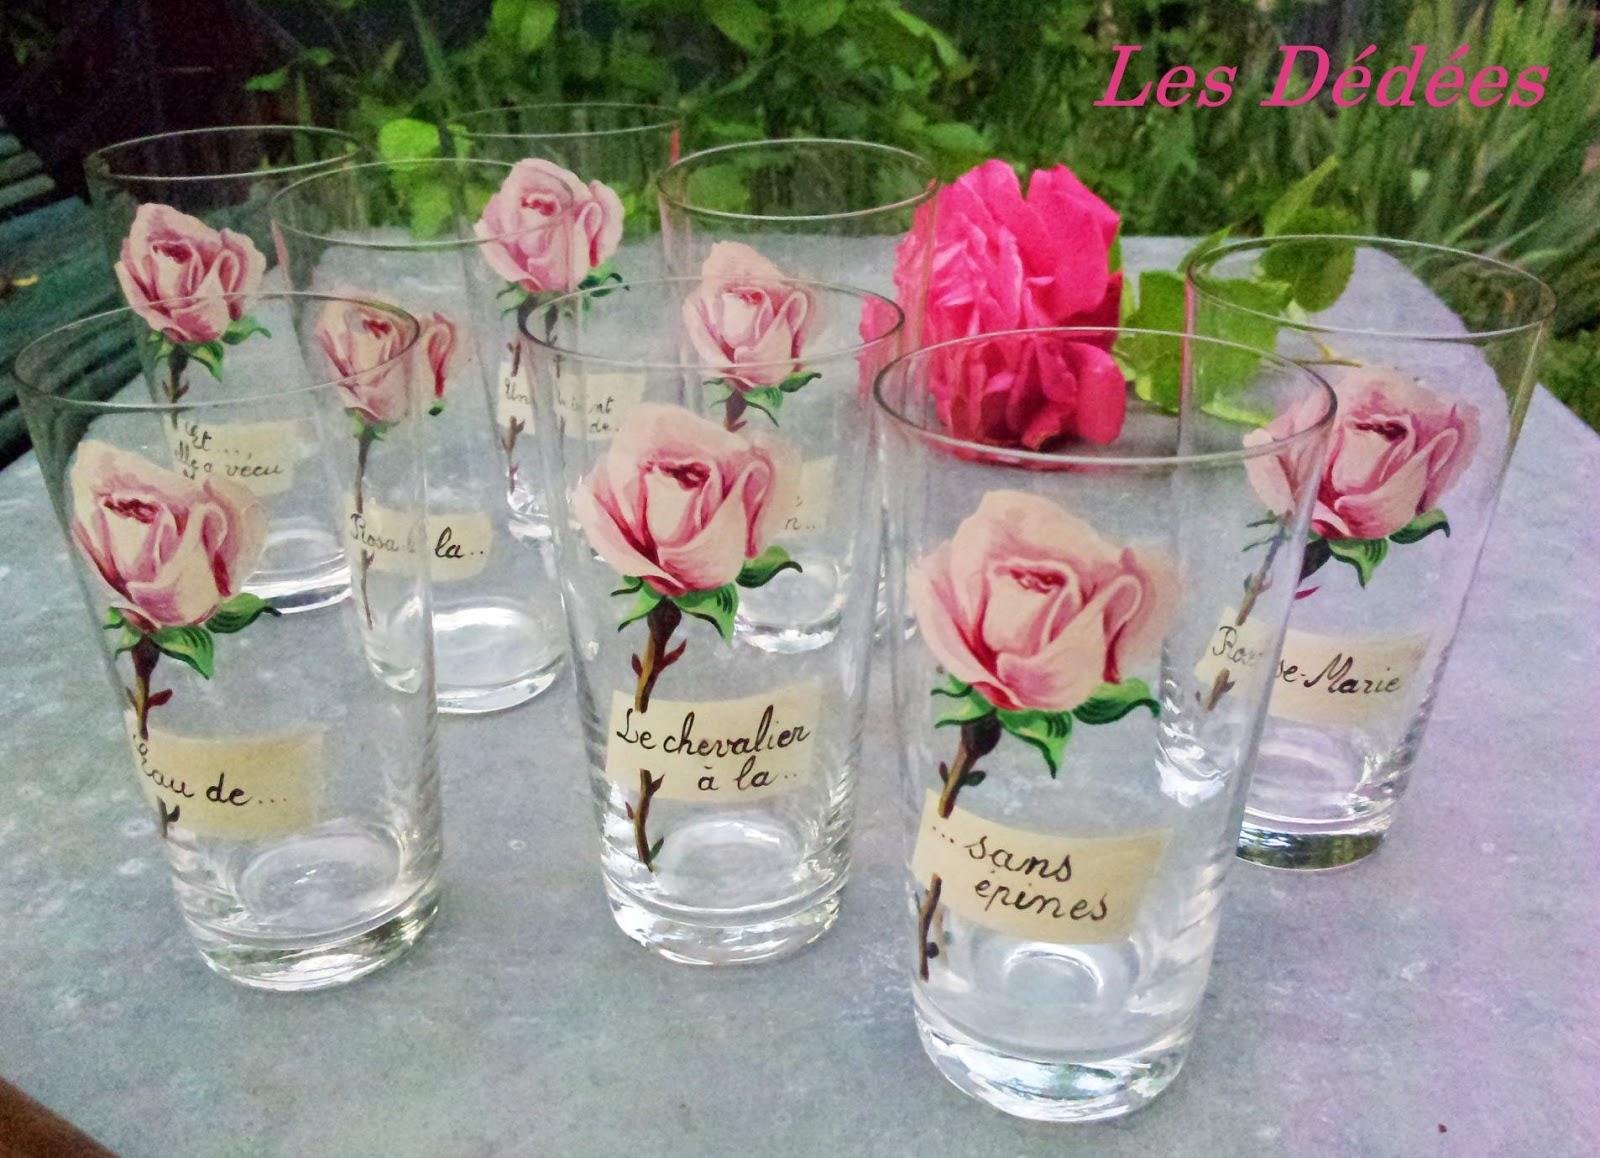 les dedees vintage recup creations 8 verres fins anciens a l 39 eau de rose by anne. Black Bedroom Furniture Sets. Home Design Ideas